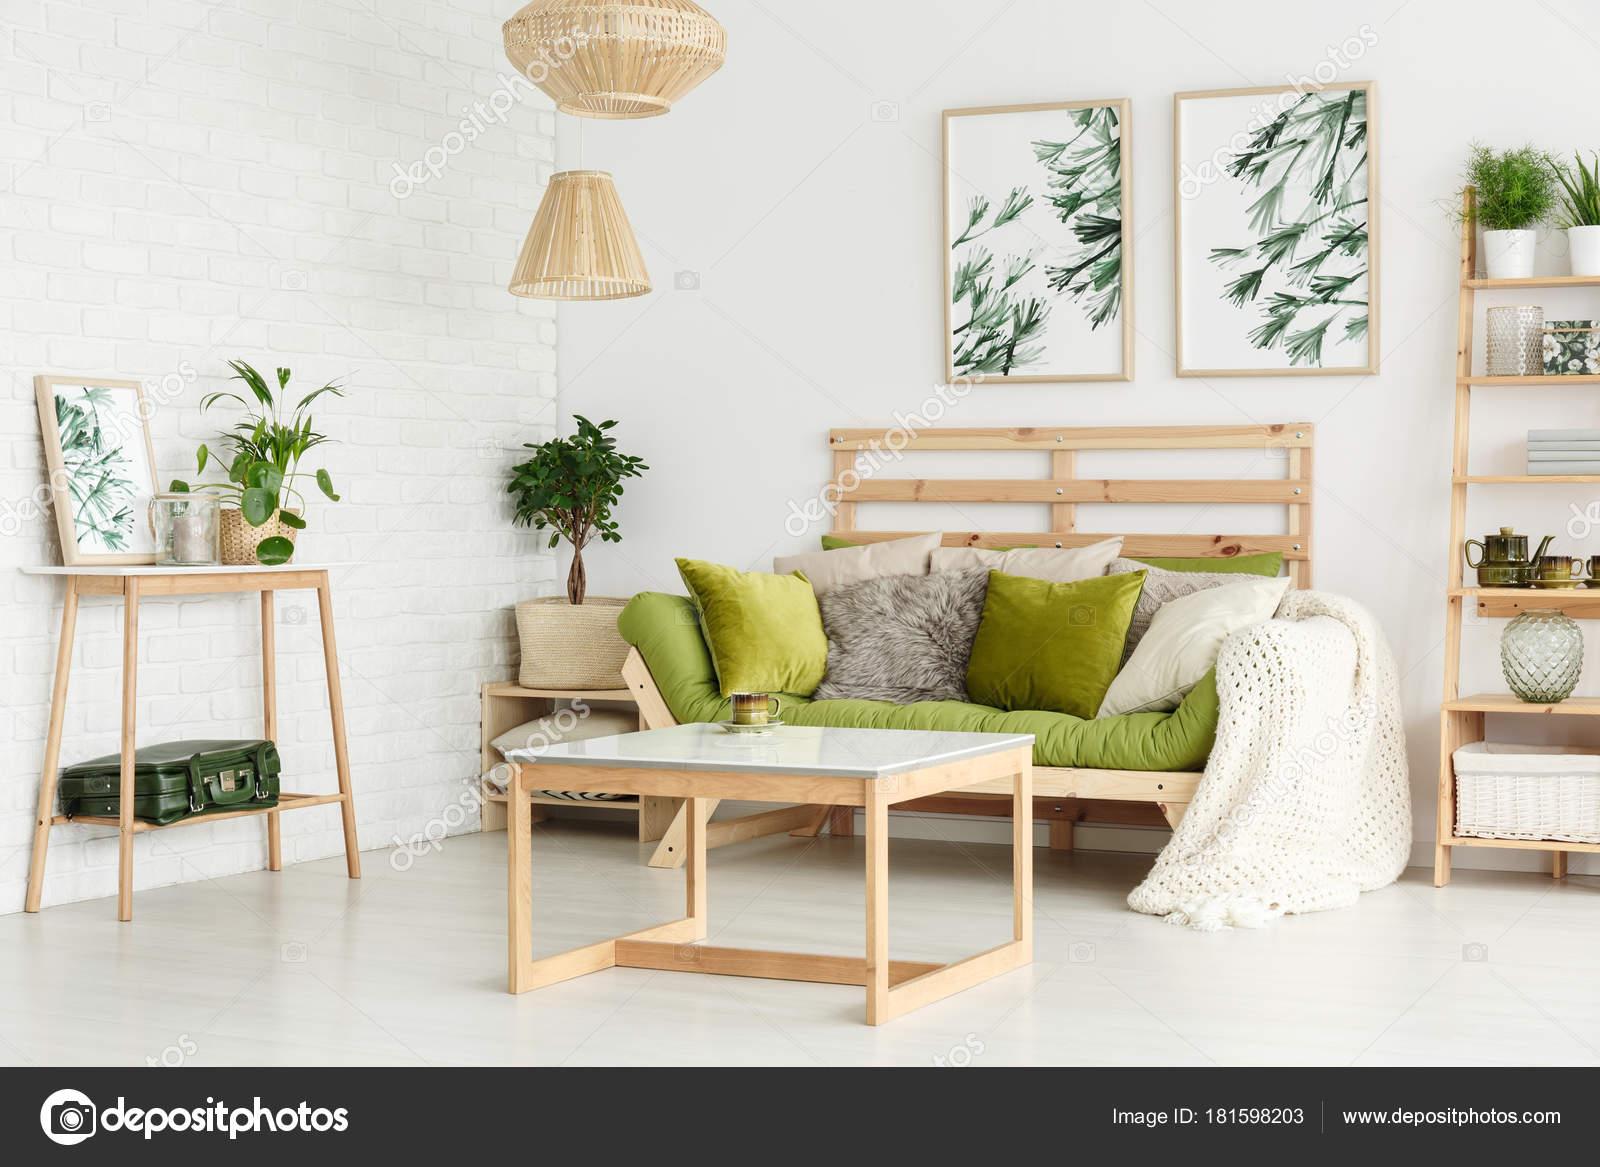 Bloemen posters in woonkamer — Stockfoto © photographee.eu #181598203